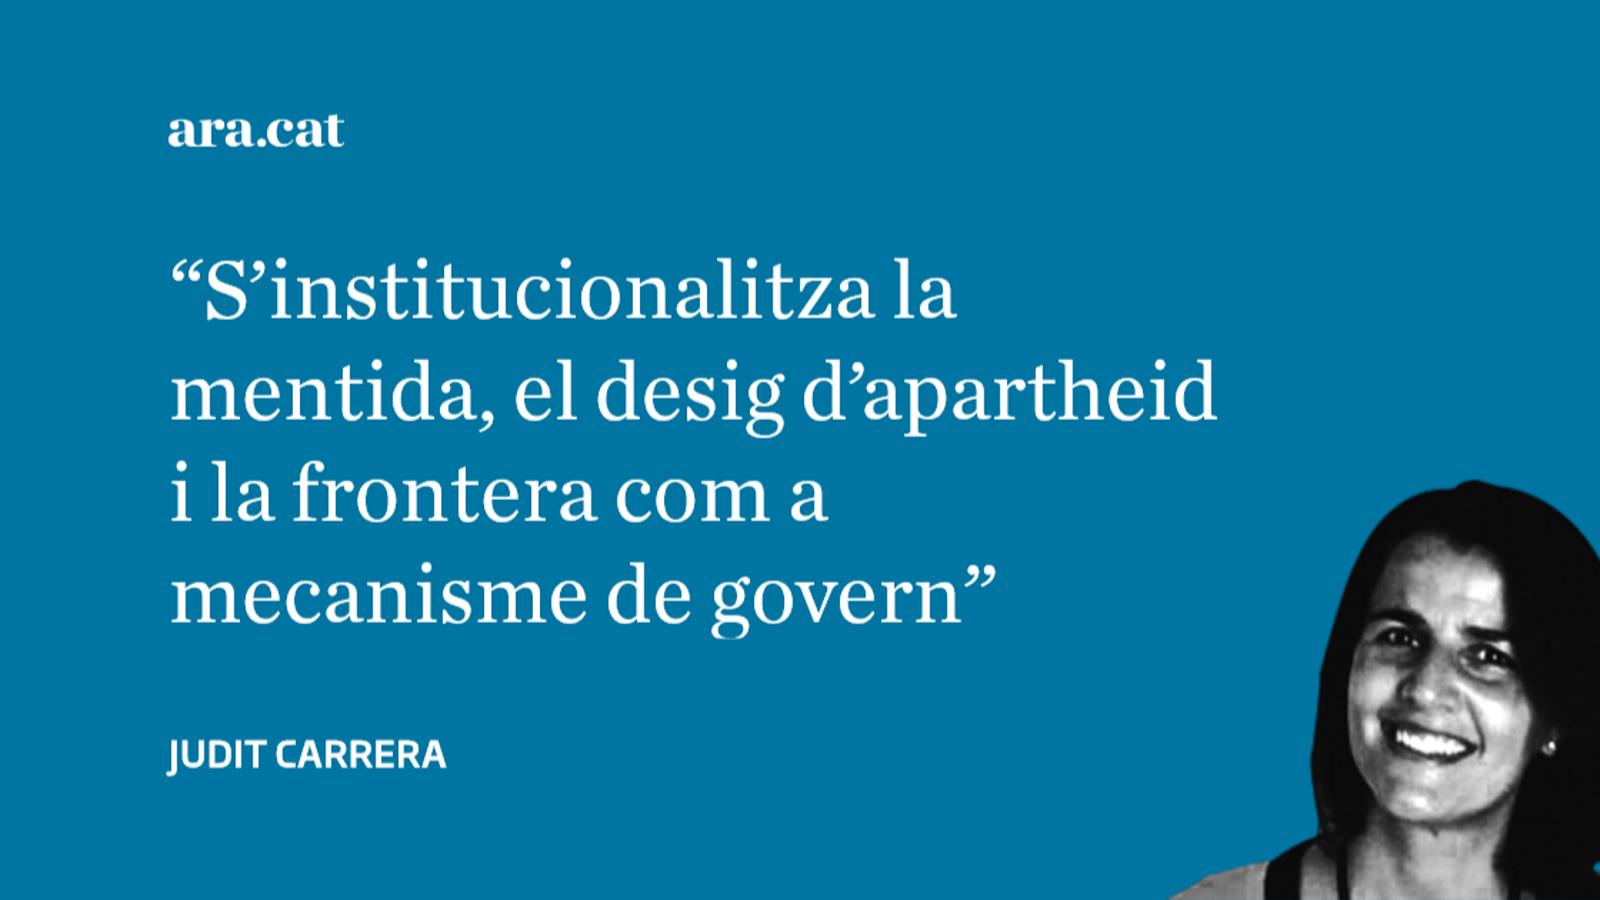 L'opinió de Judit Carrera: El dret a tenir drets